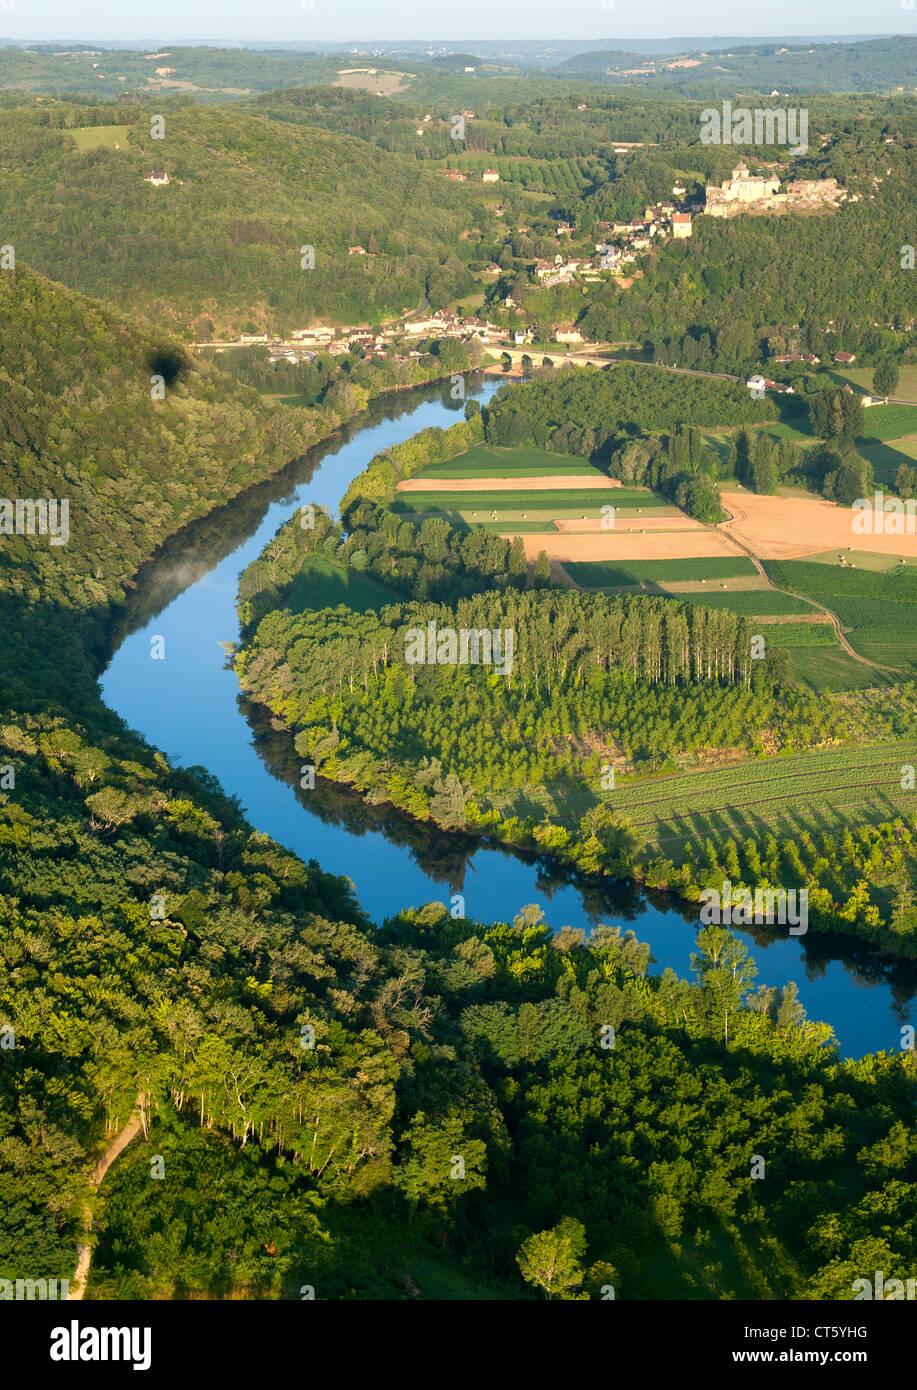 Vue aérienne de la rivière Dordogne et de la campagne environnante, près de Sarlat dans la région Photo Stock